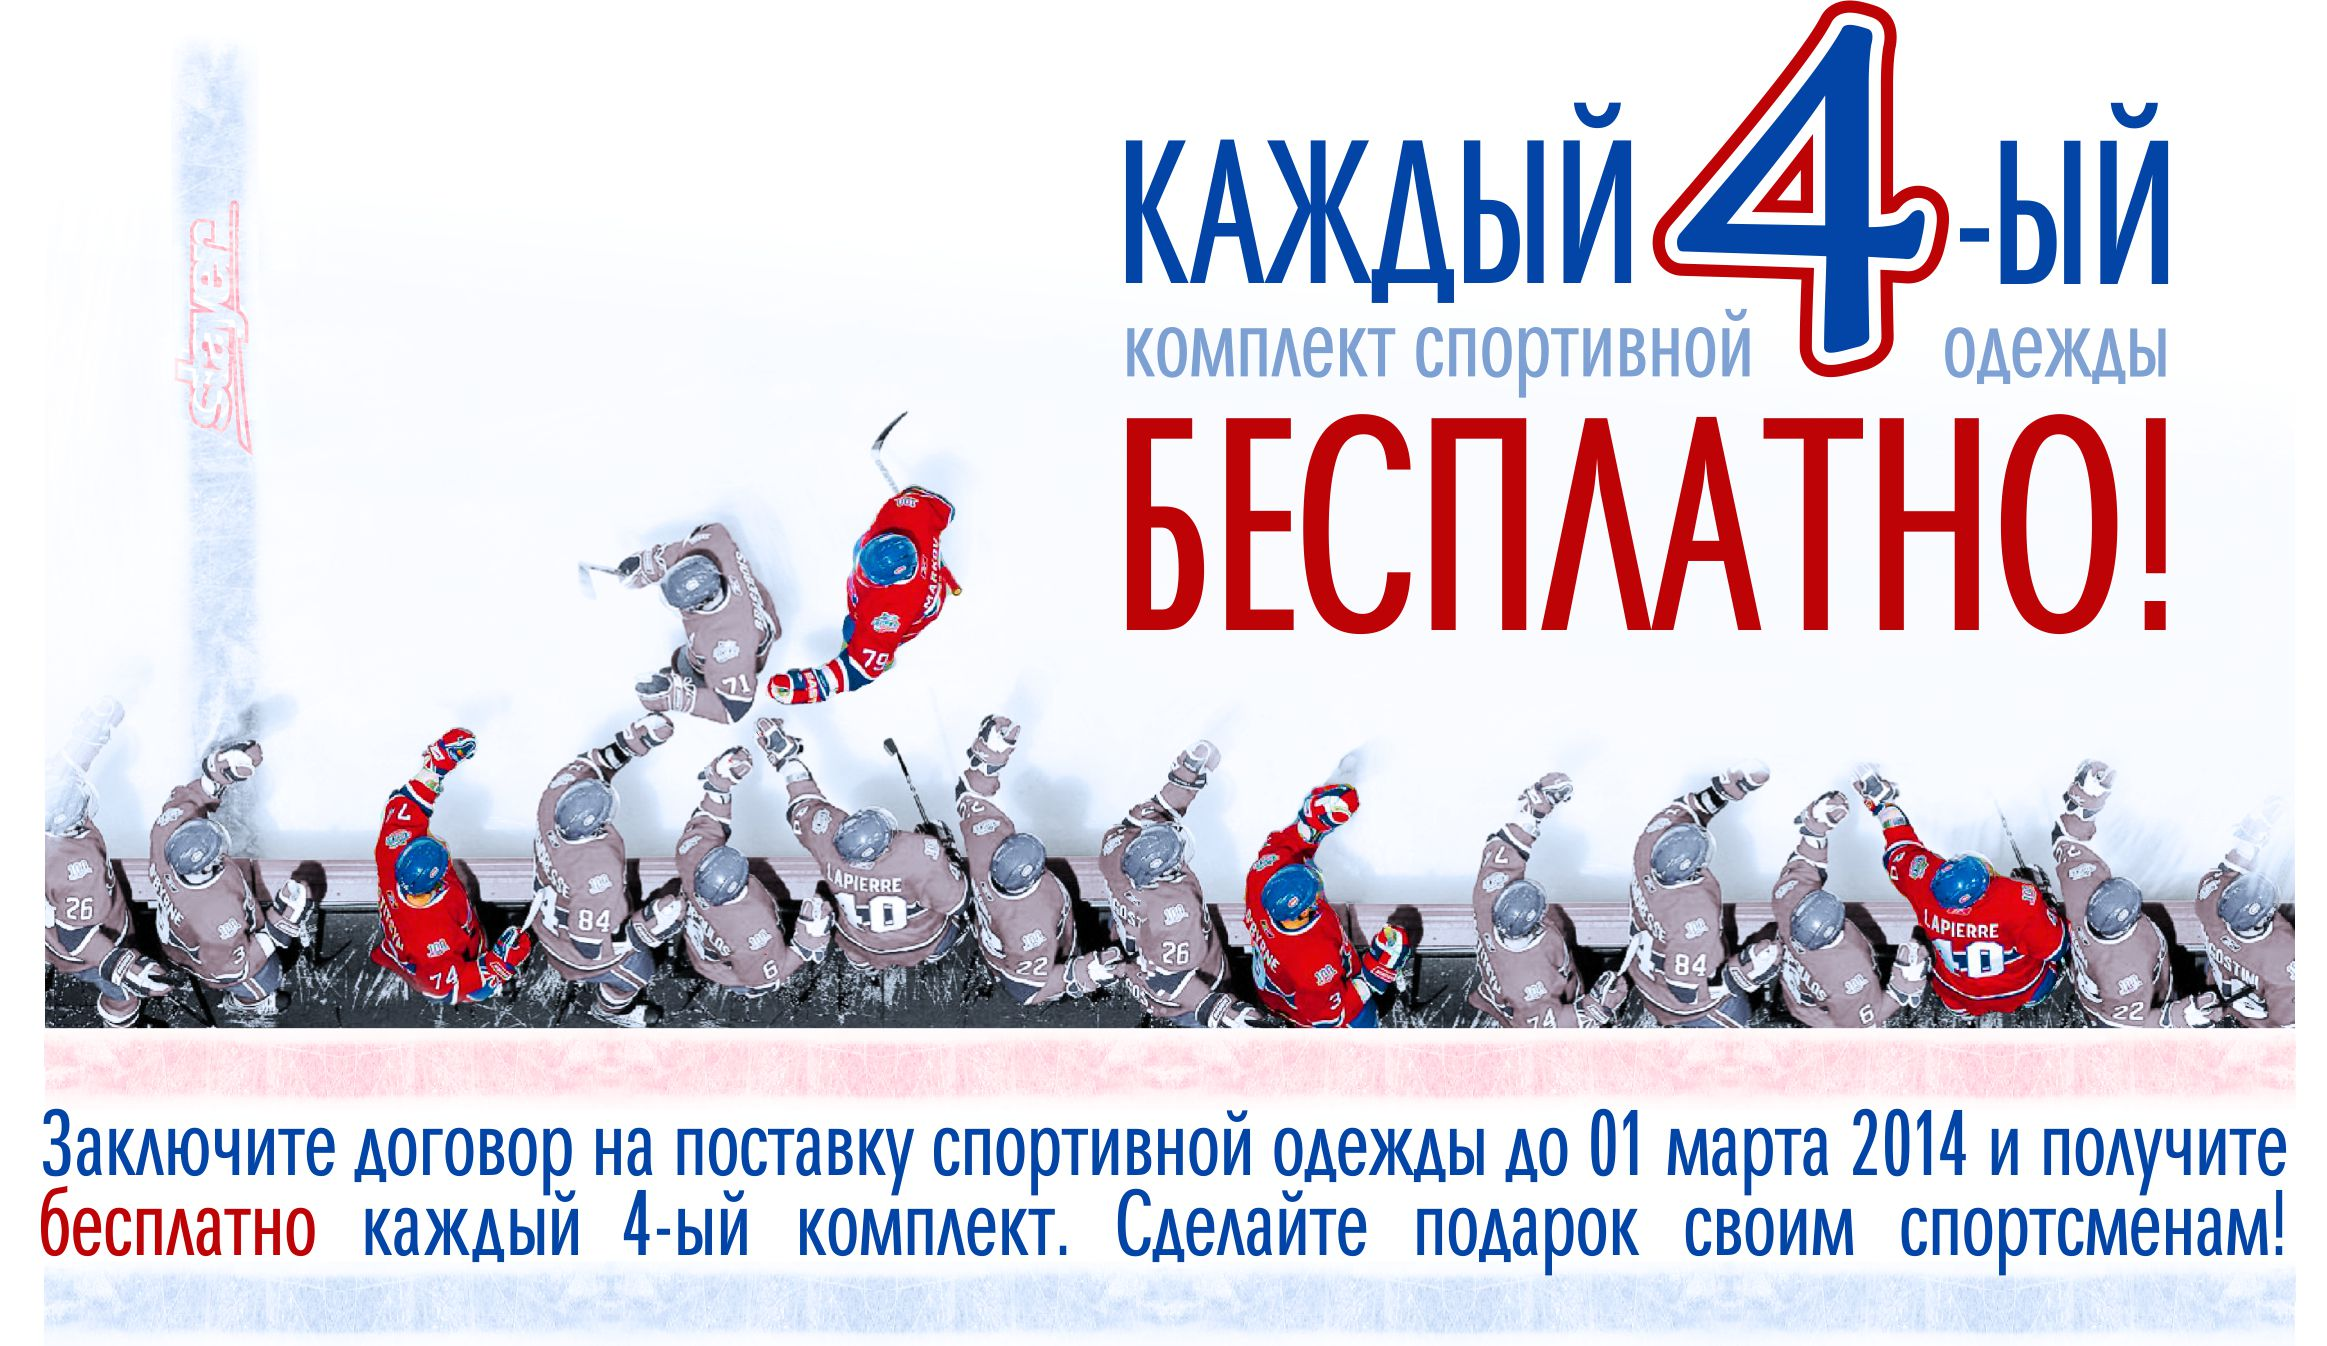 хоккей_ комплект